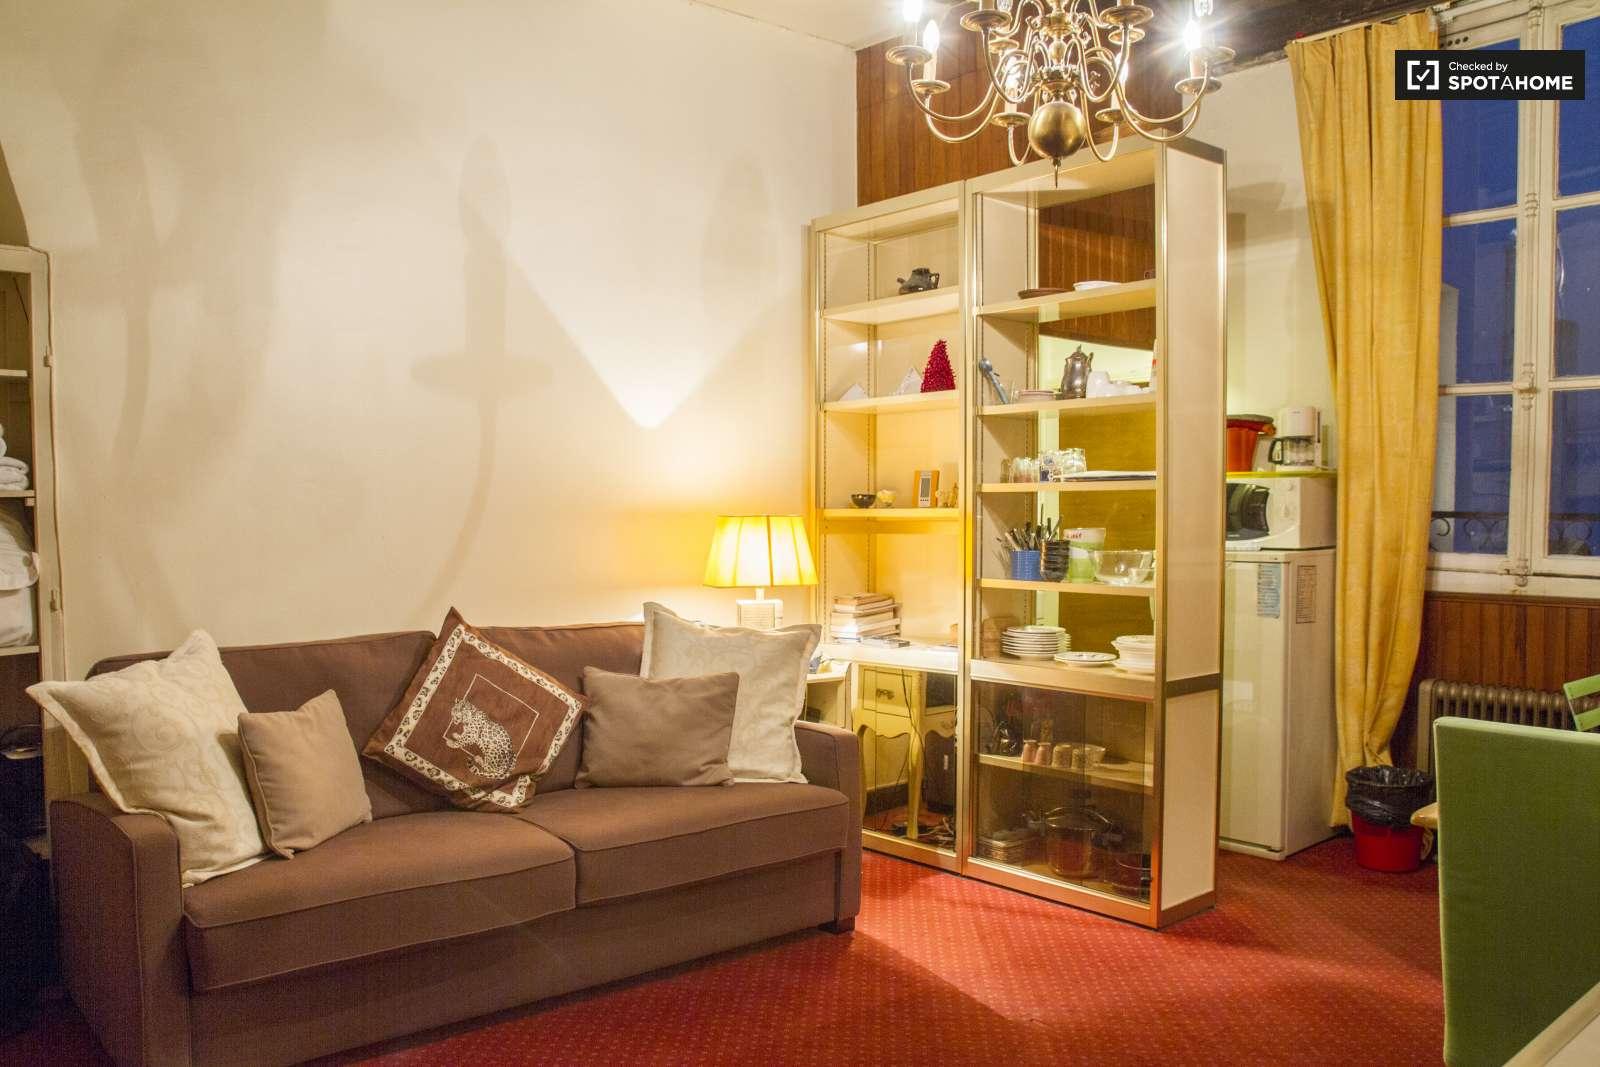 Studio apartment for rent in Paris 6 (ref: 154430) | Spotahome